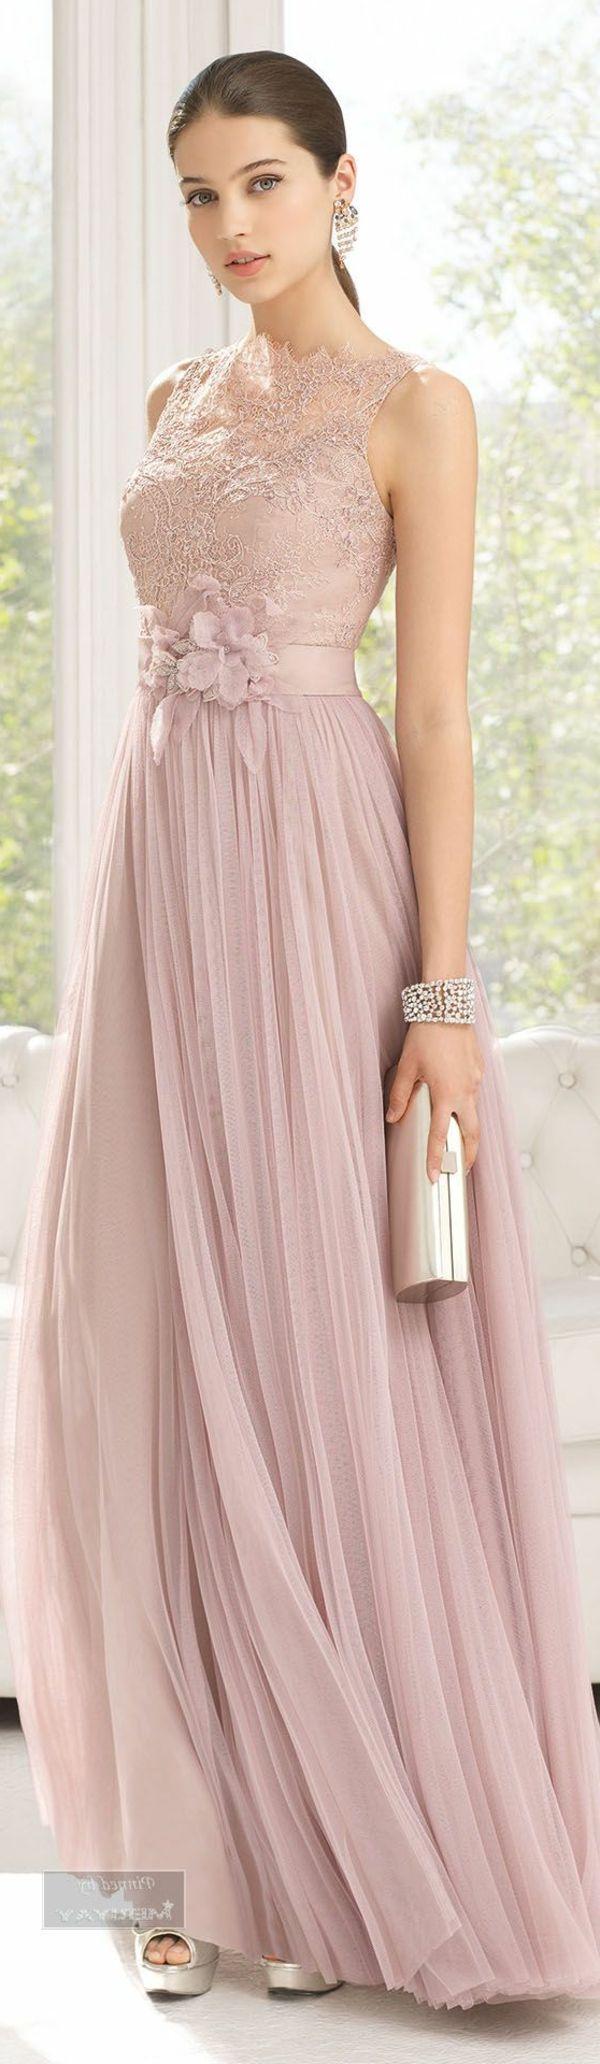 2ab436d5ee97d La robe de soirée - 60 idées modernes - Archzine.fr